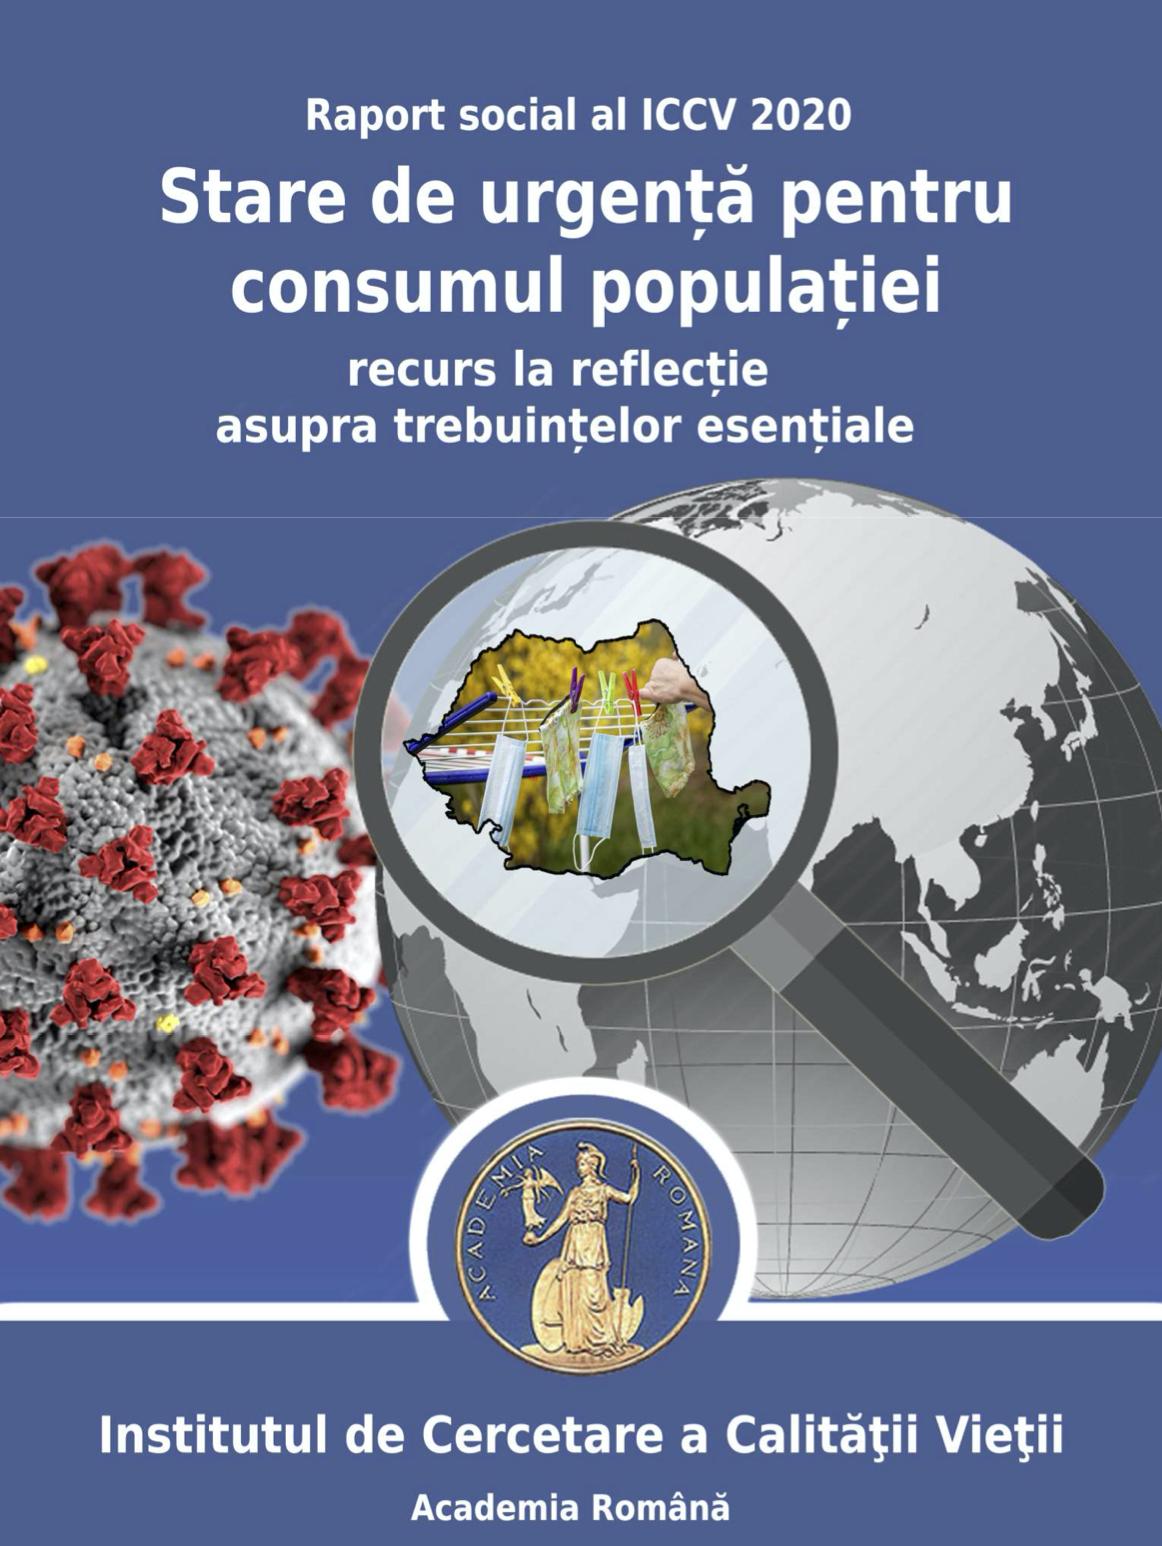 """Lansare raport social: """"Stare de urgență pentru consumul populației. Recurs la reflecție asupra trebuințelor esențiale"""""""